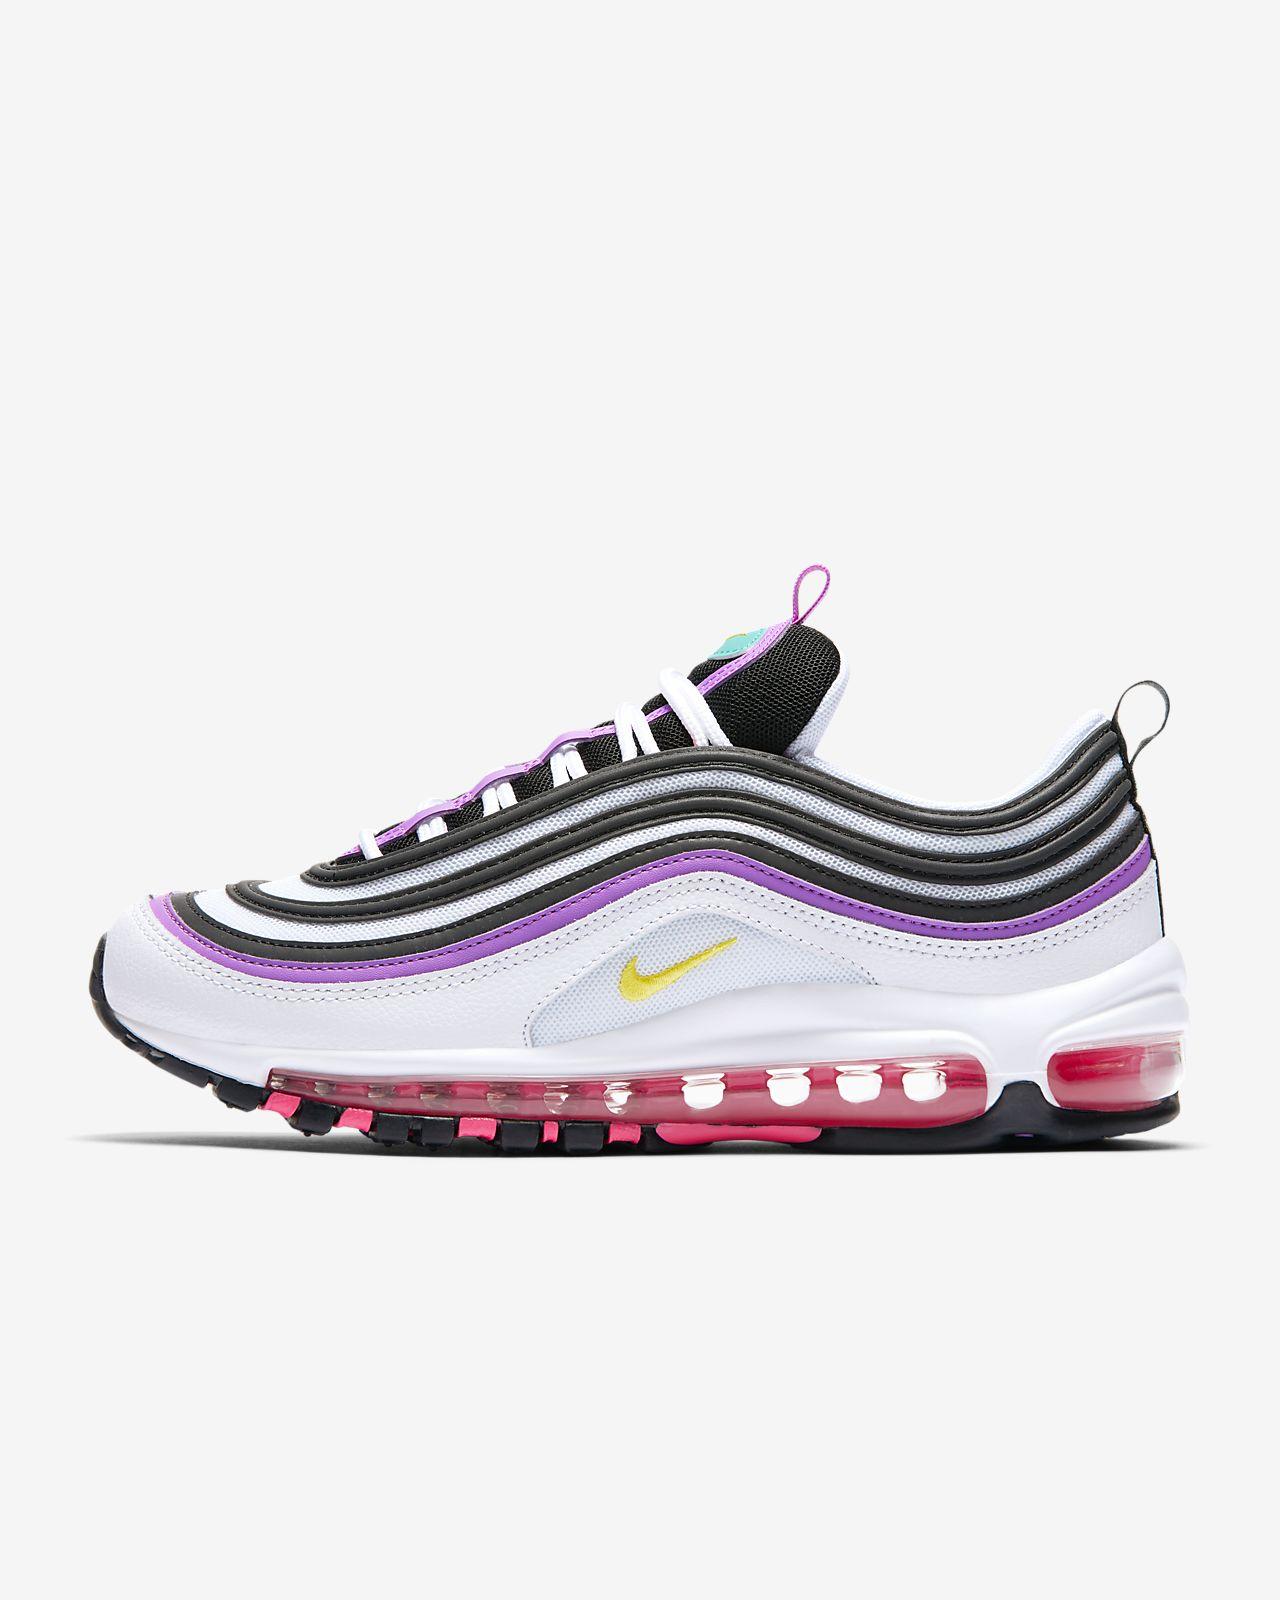 WMNS Nike Air Max 90 Cuir Gris Noir Violette Femme